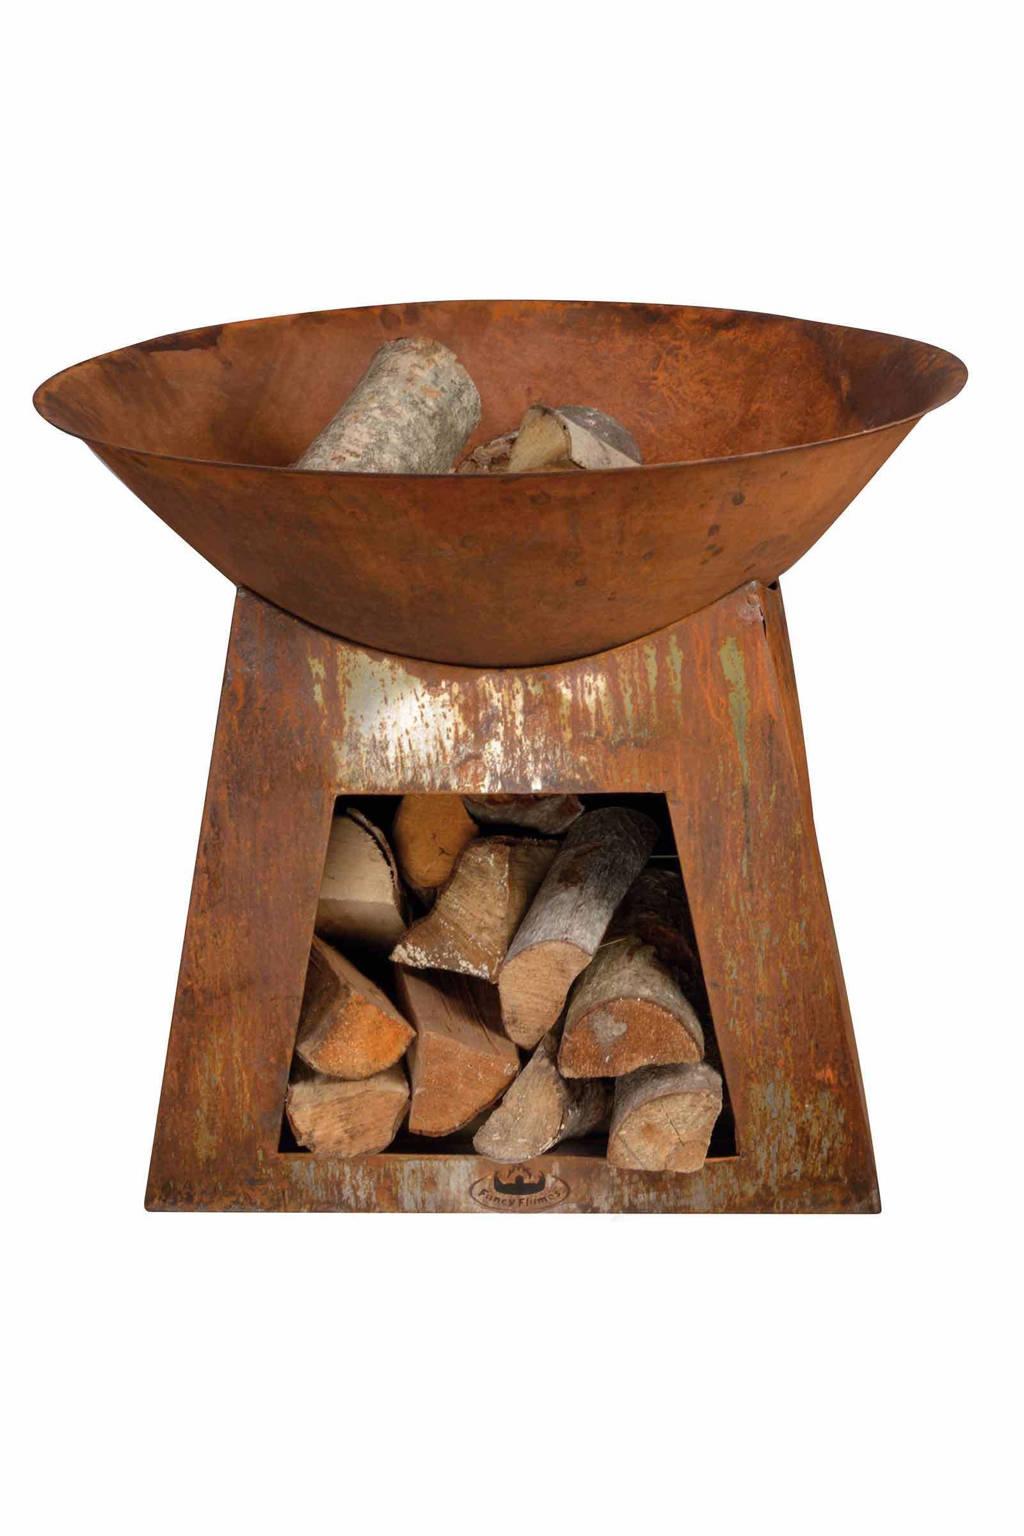 Esschert vuurkorf met houtopslag, Roest